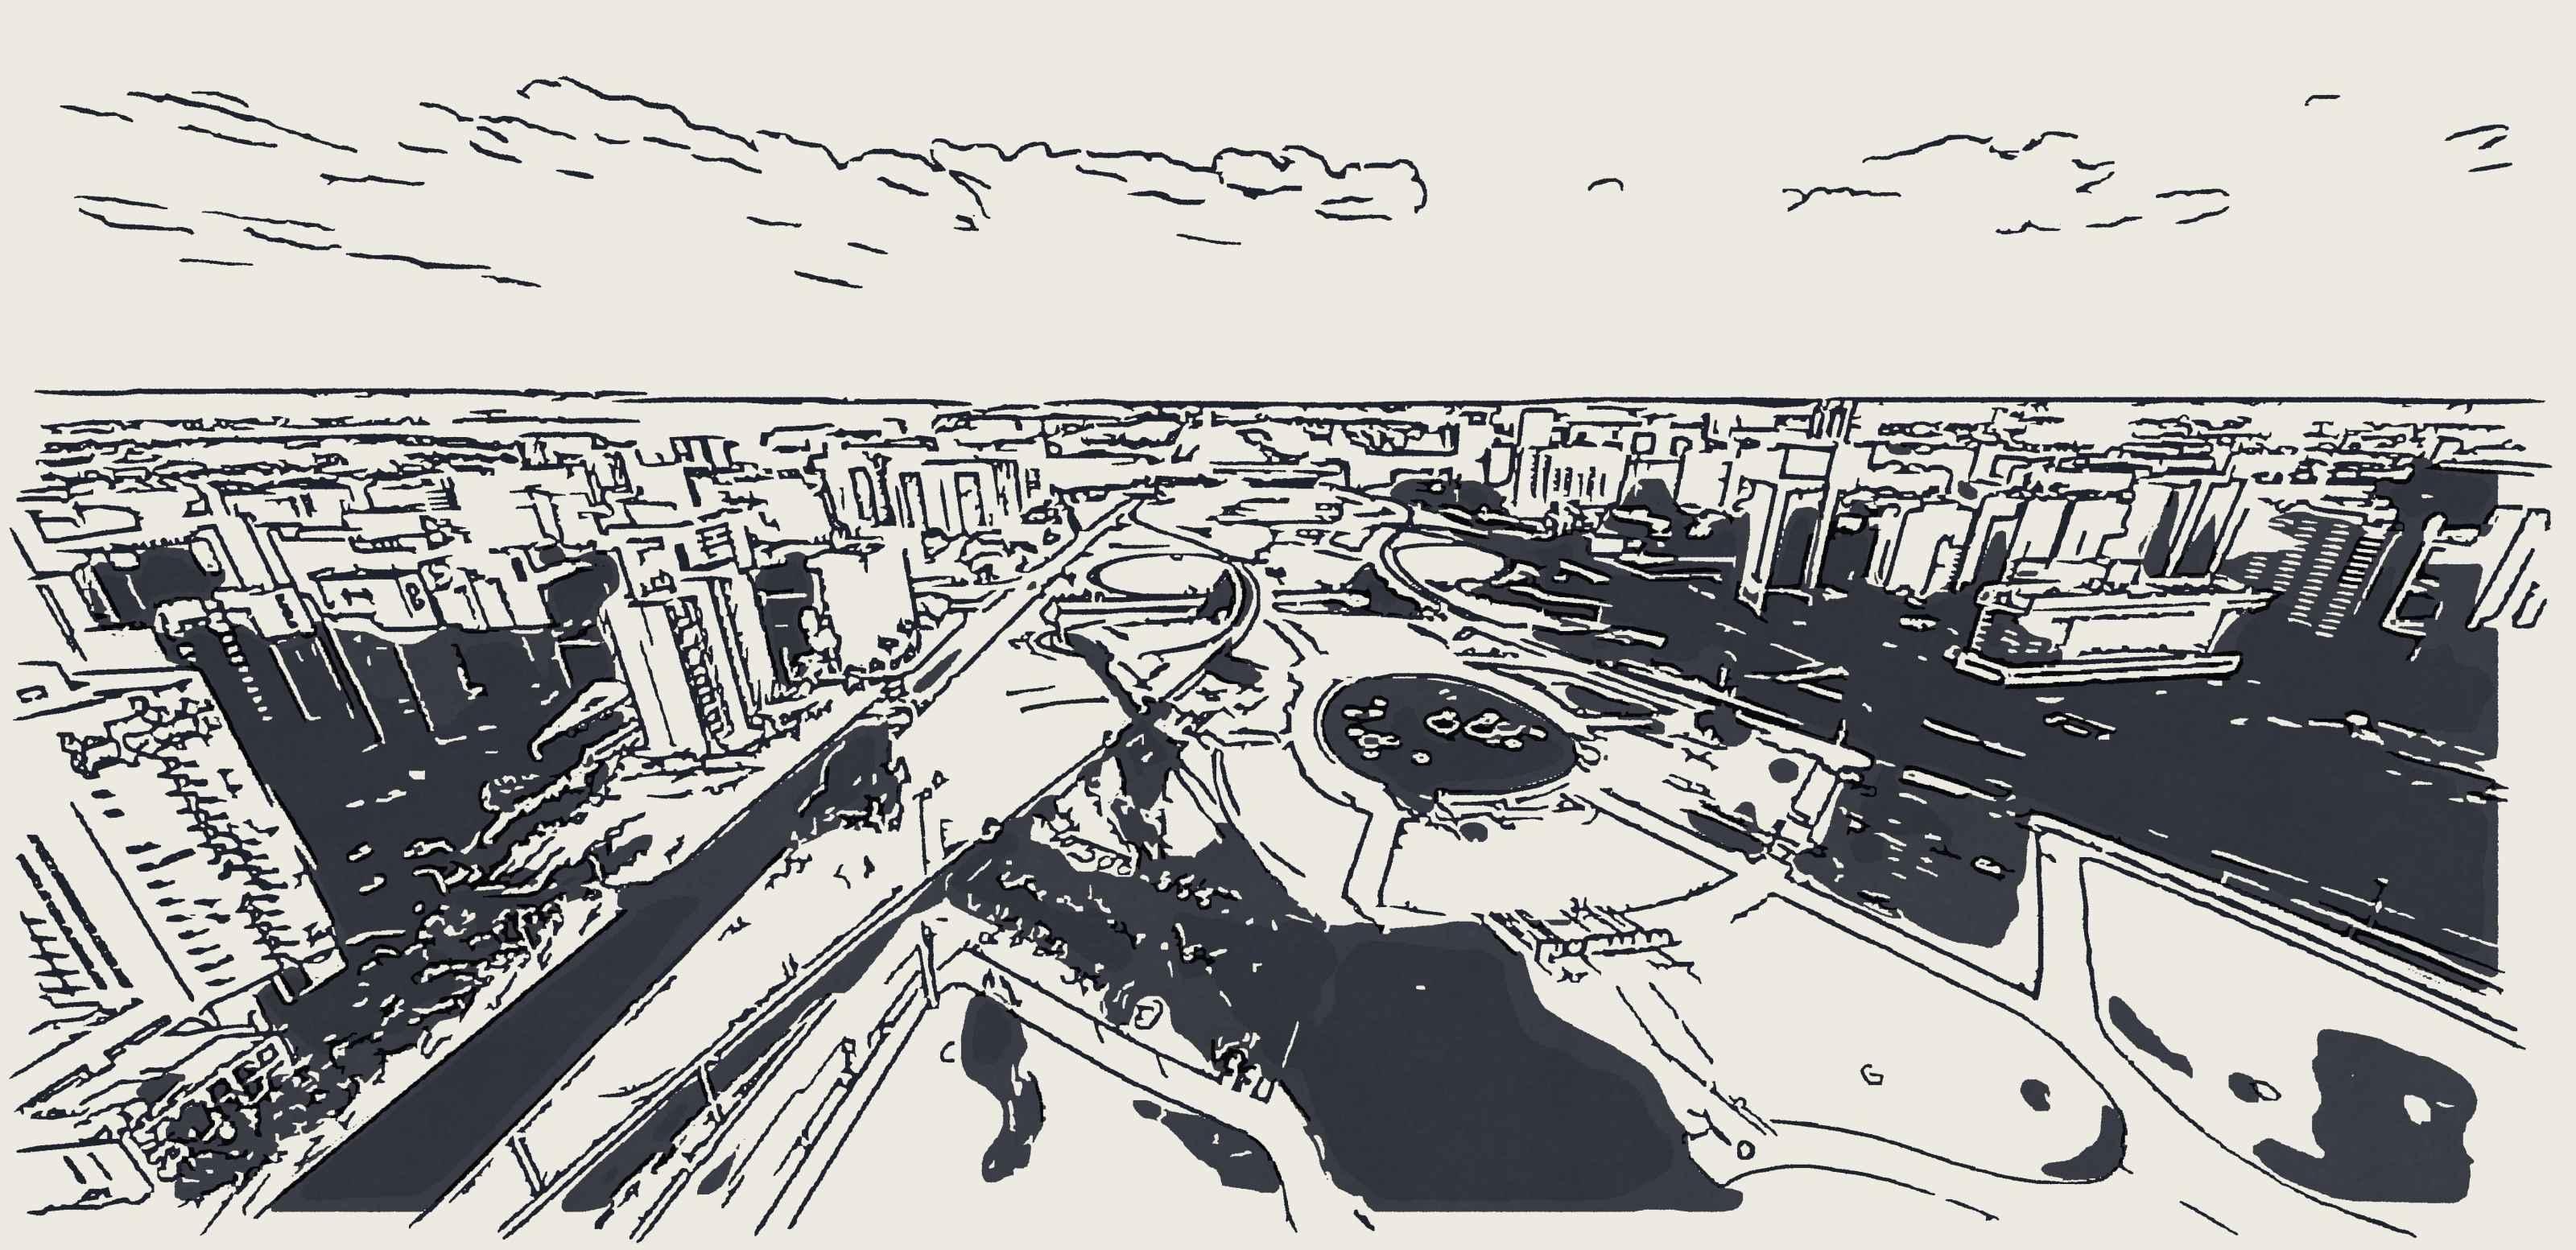 Imagem criada no app Olli by Tinrocket para iOS